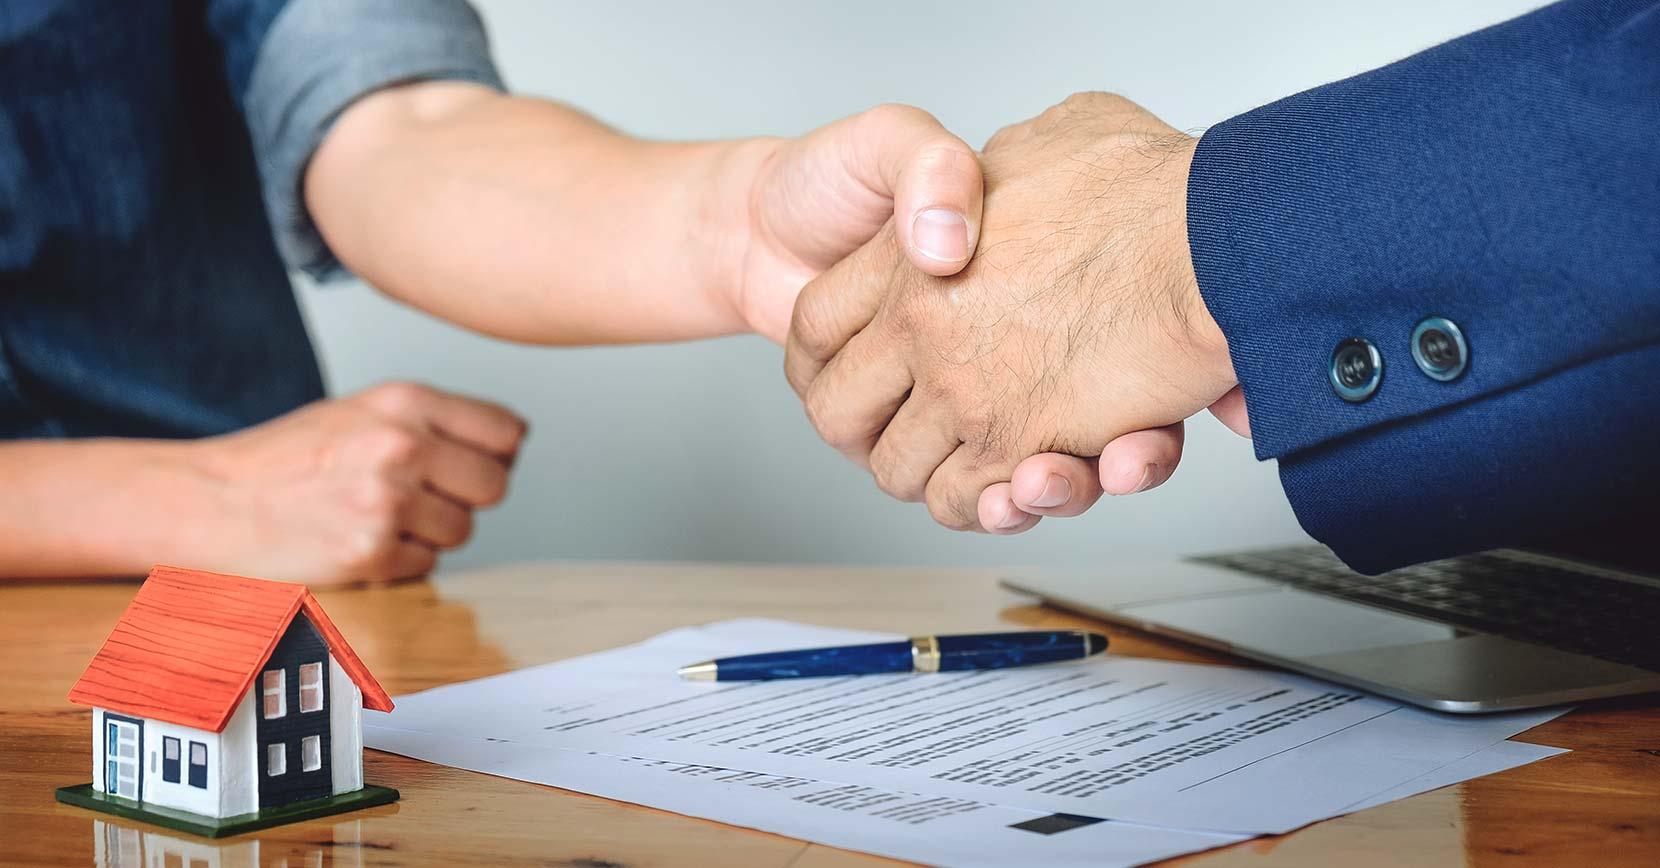 contrato-promessa-compra-e-venda